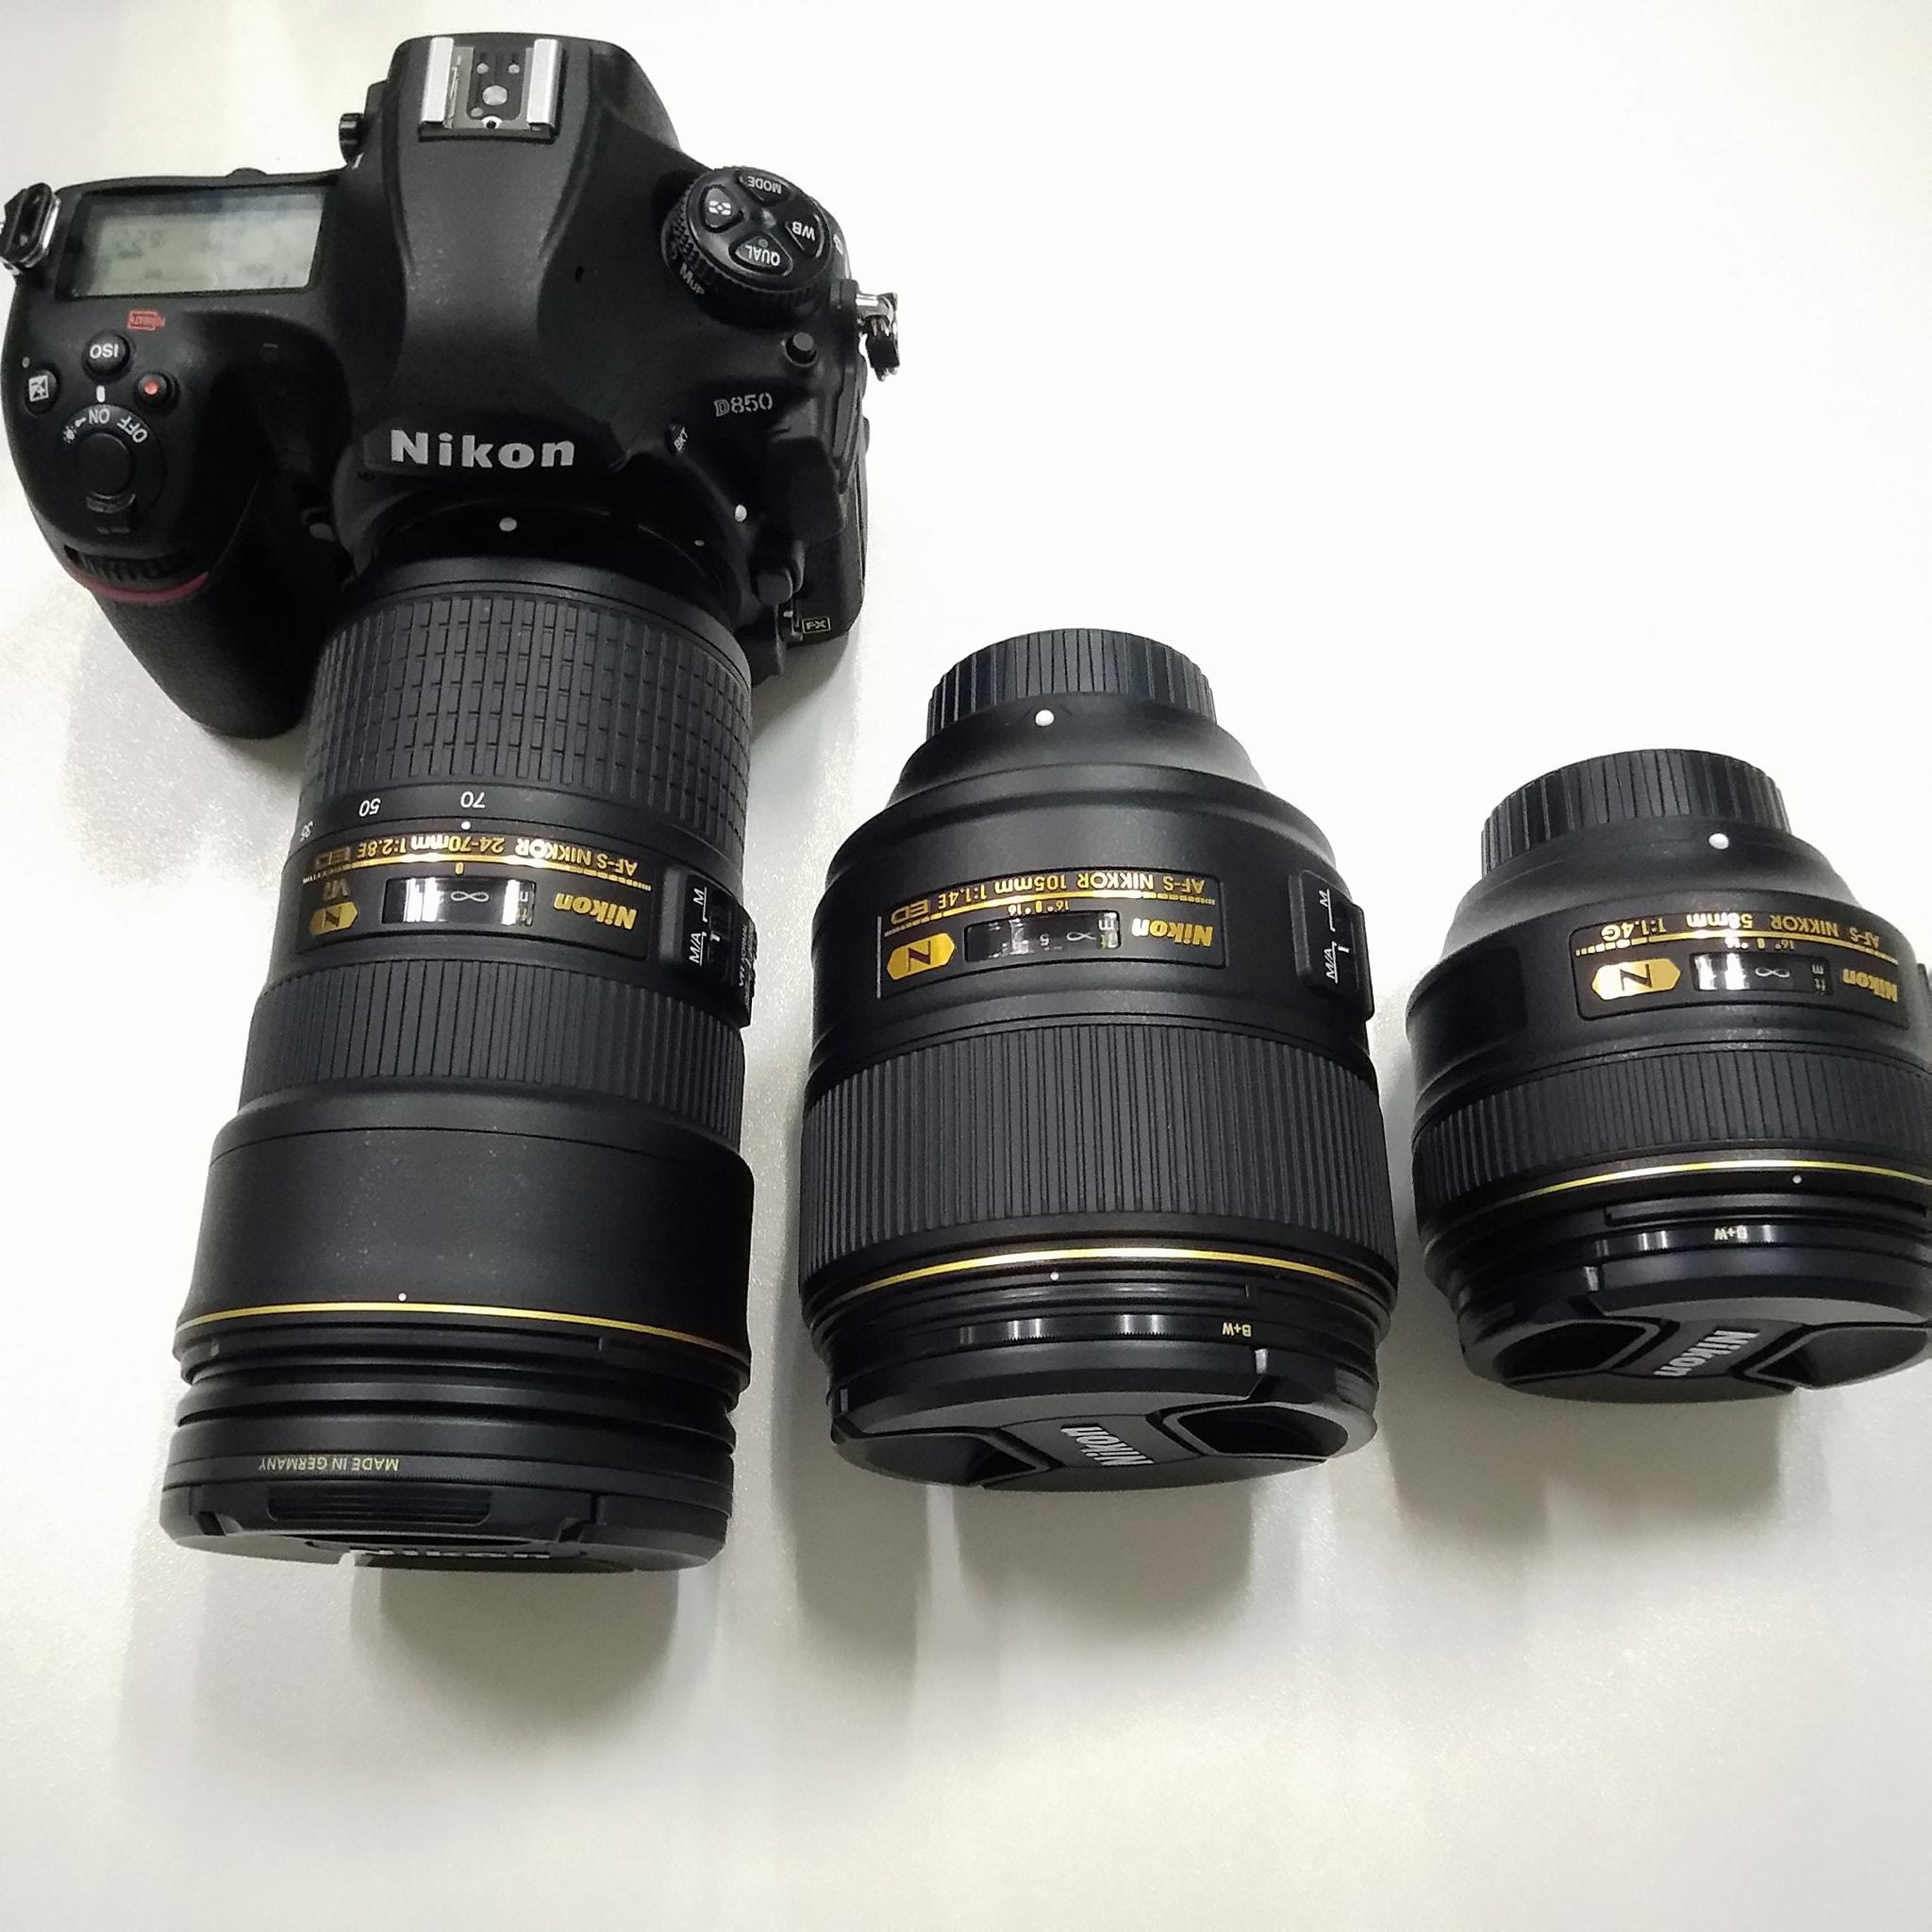 ย้ายค่าย มา Nikon